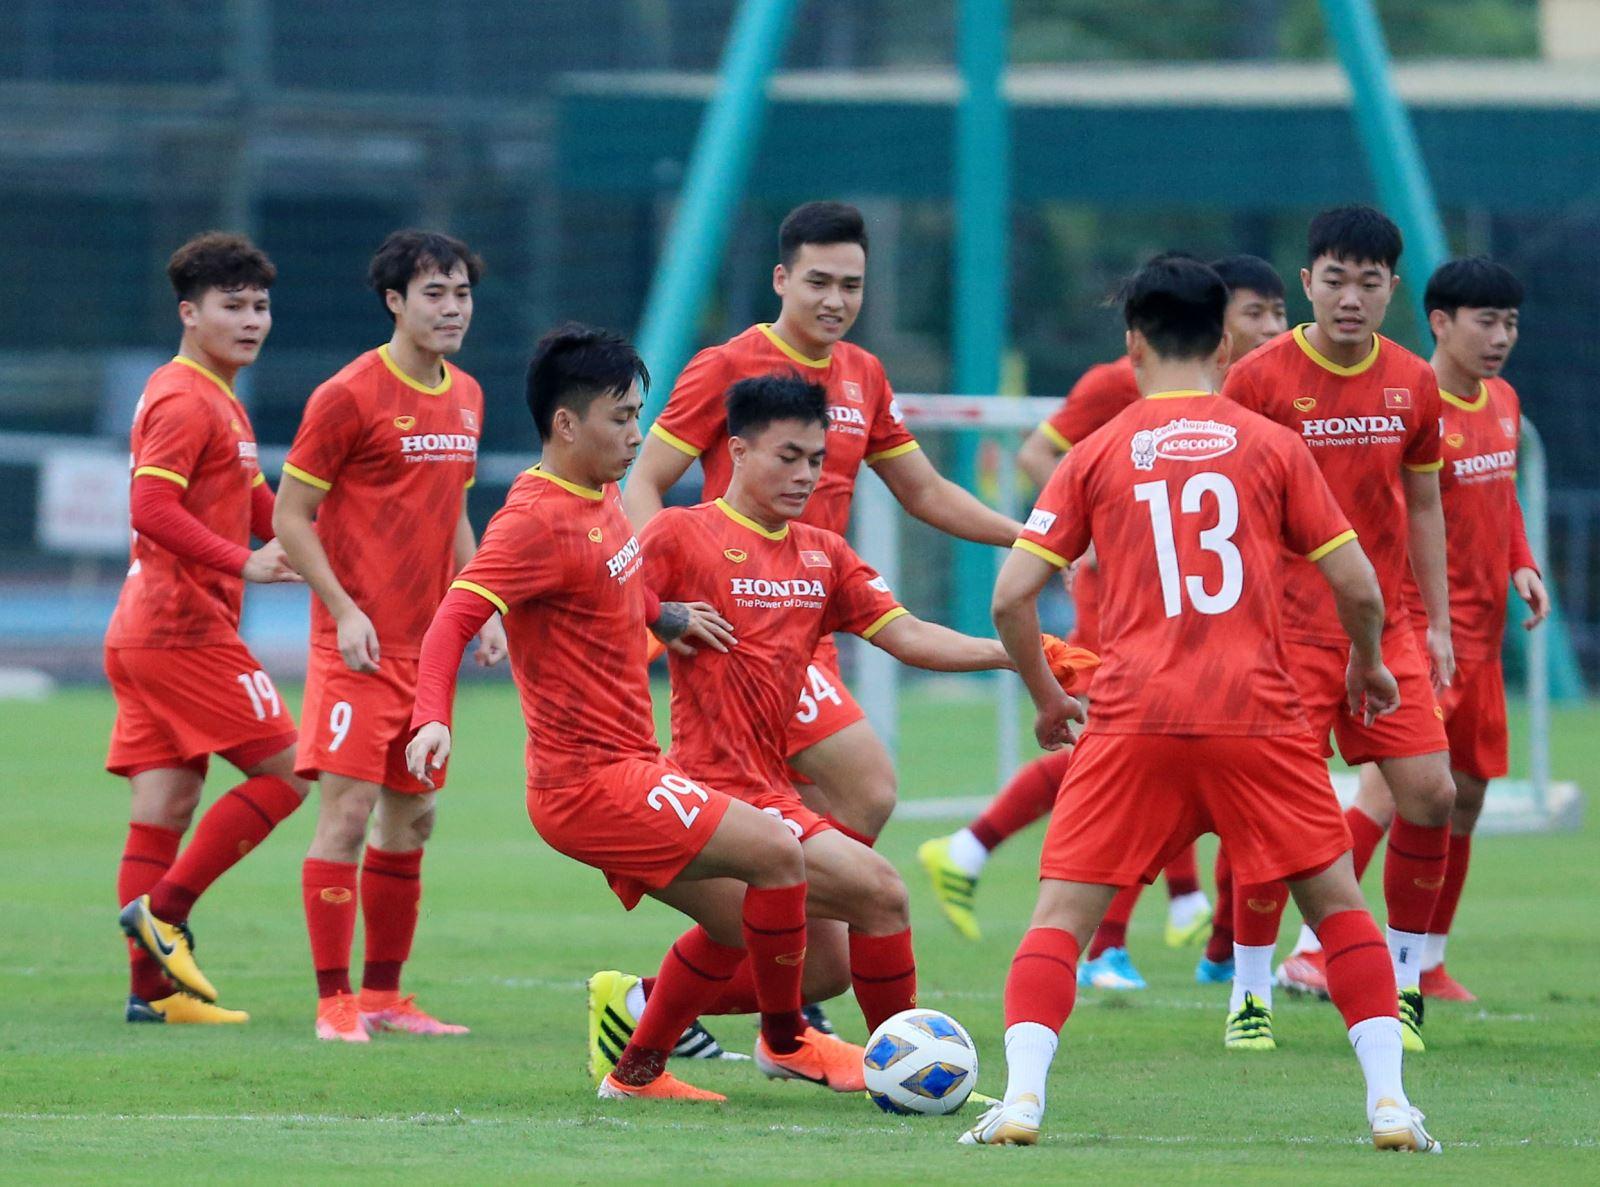 bóng đá Việt Nam, tin tức bóng đá, bong da, tin bong da, dtvn, danh sách đội tuyển Việt Nam, Park Hang Seo, lịch thi đấu vòng loại thứ ba World Cup, VFF, VPF